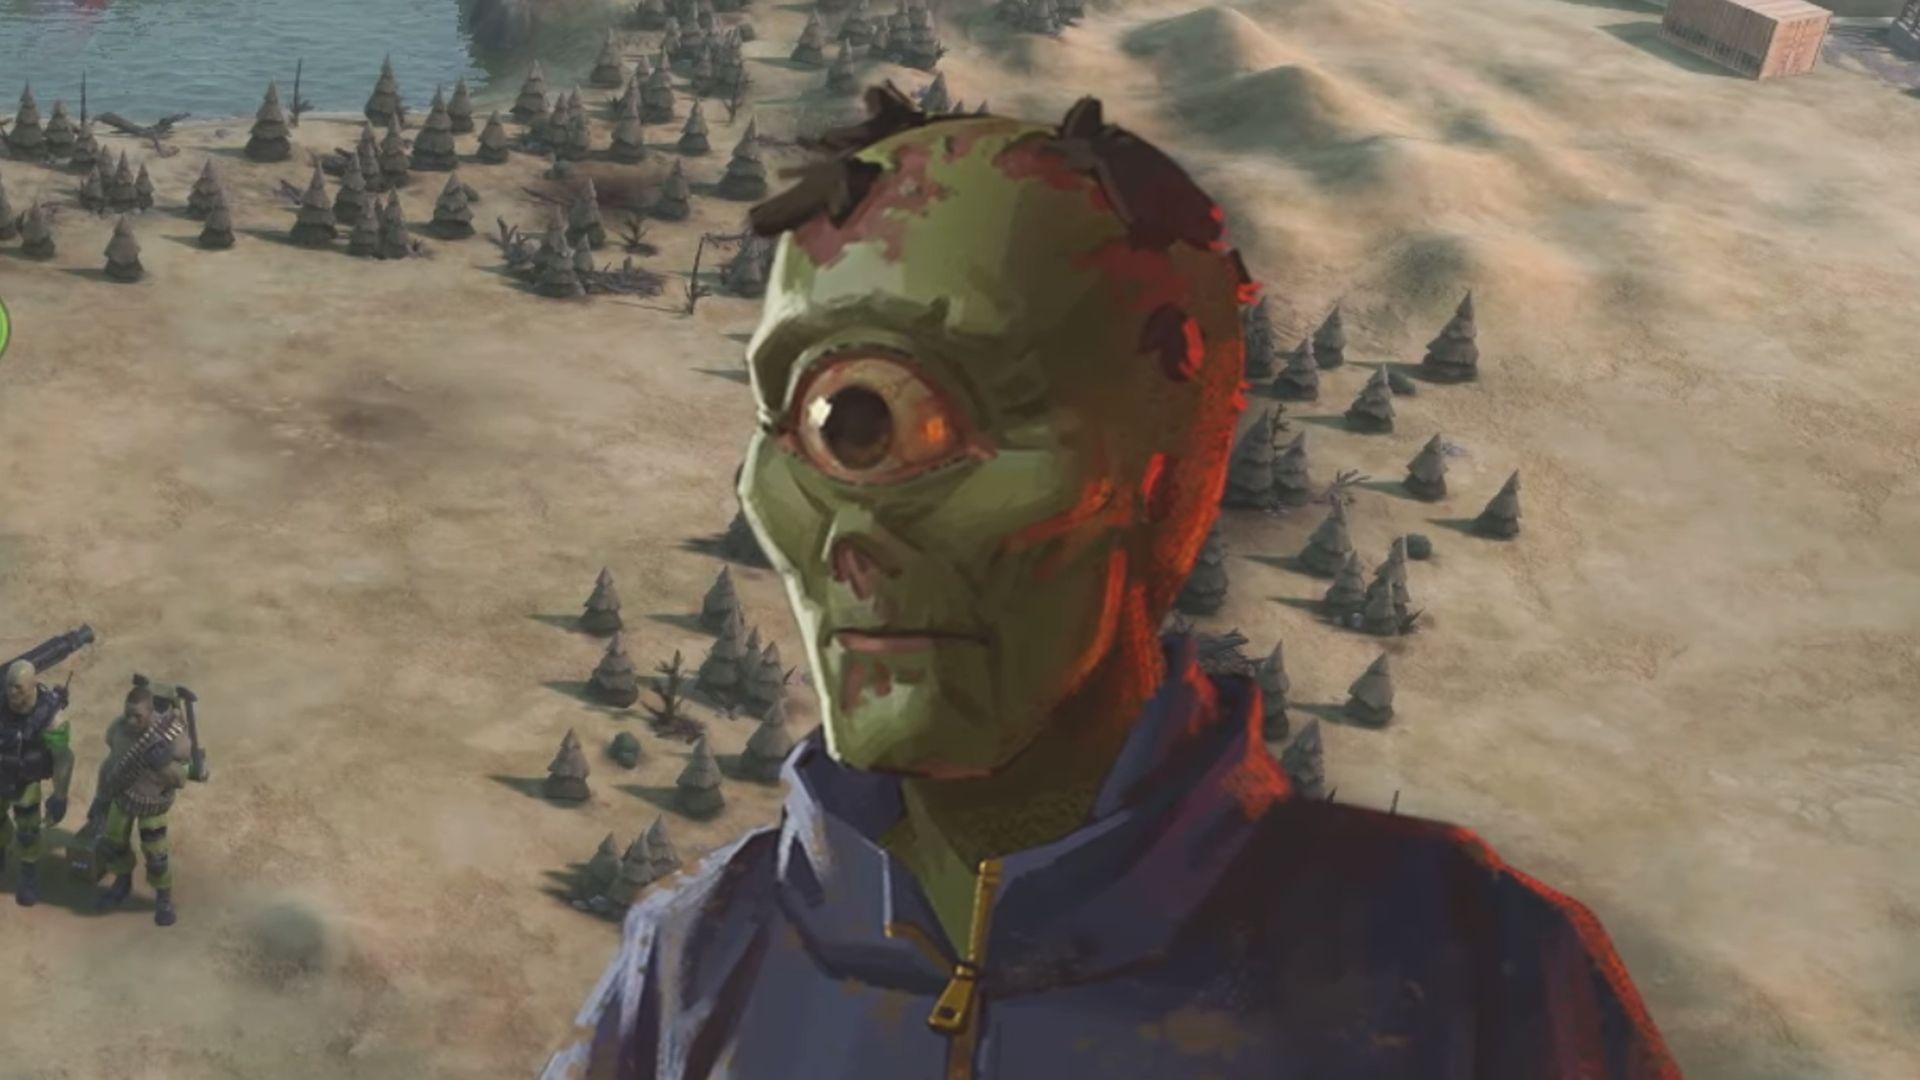 Battle Royale Civilization 6 Adalah April Mop Yang Lepas